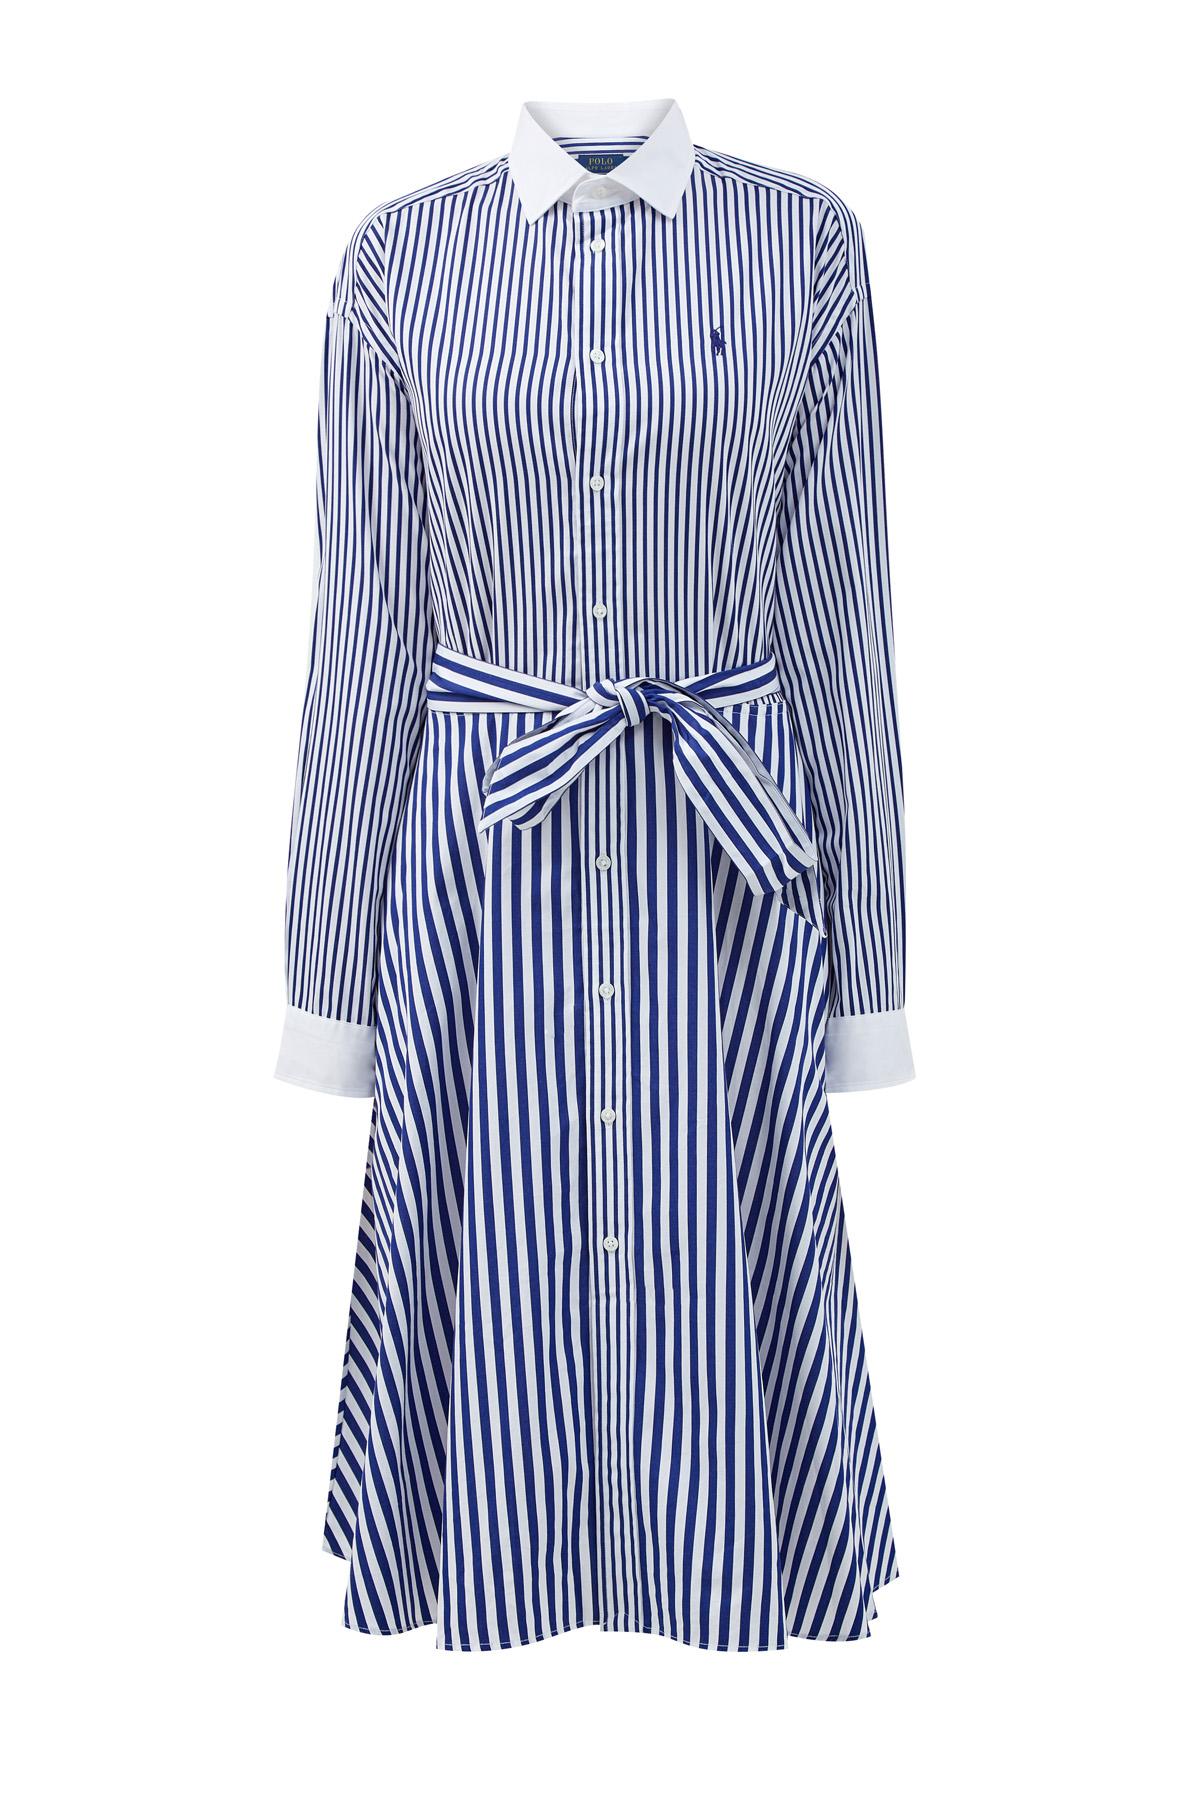 Хлопковое платье-рубашка с принтом в полоску и вышивкой фото